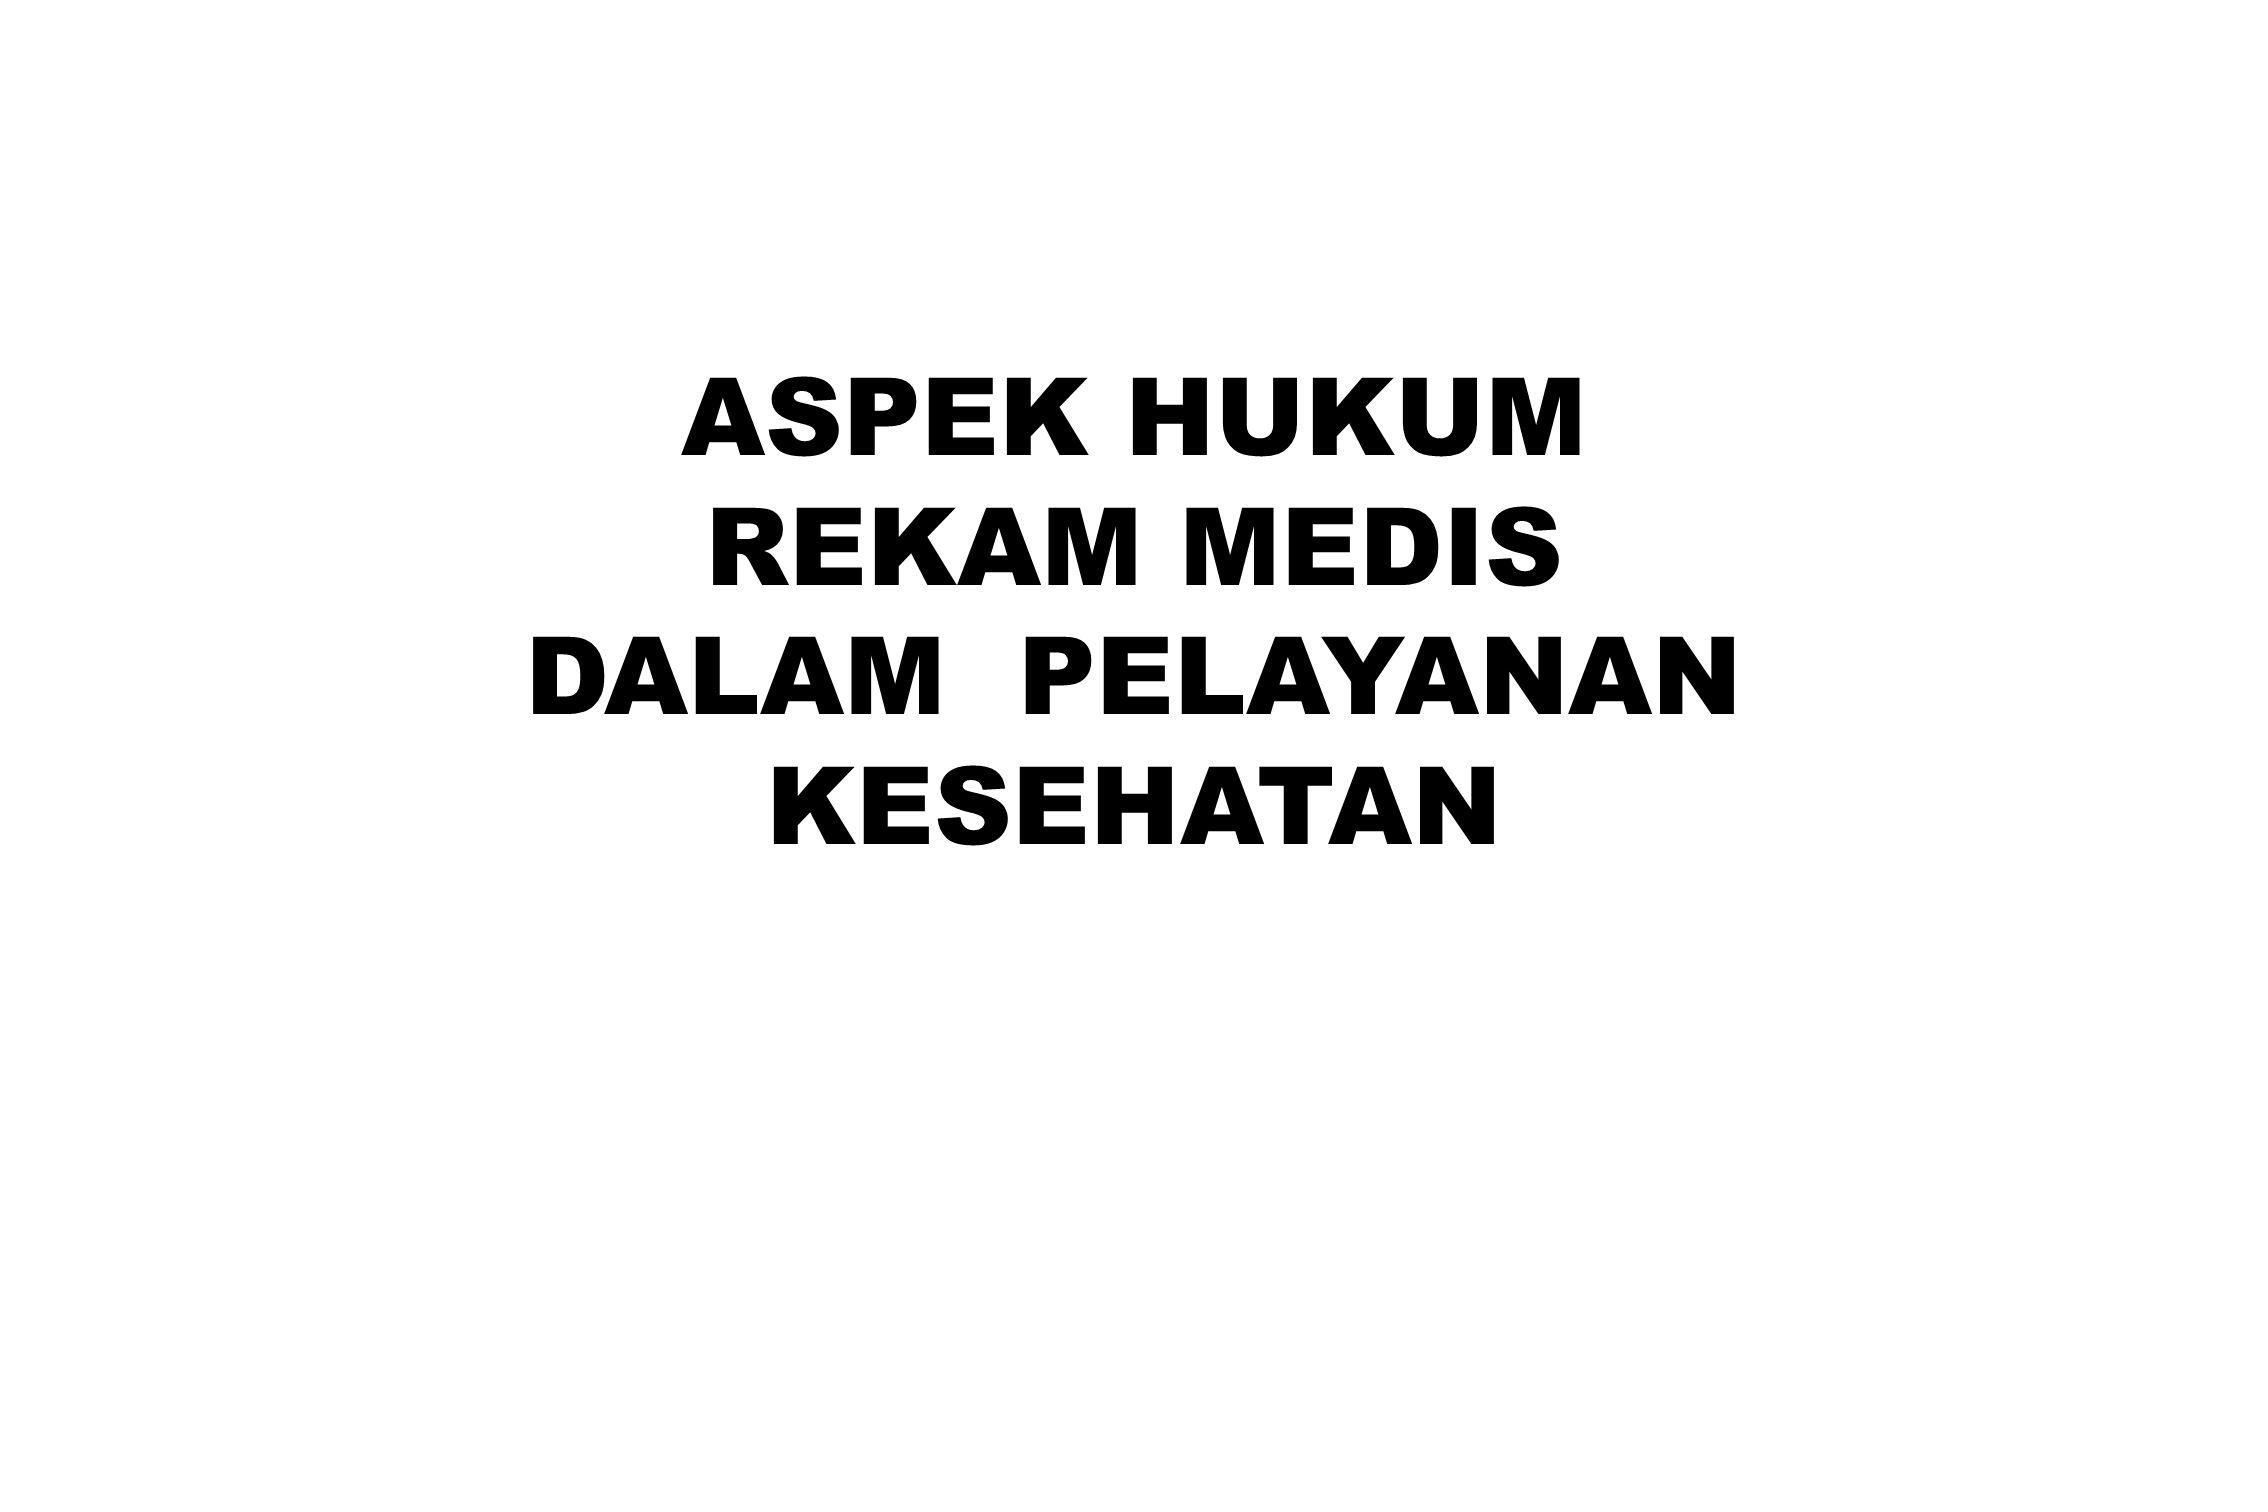 ASPEK HUKUM REKAM MEDIS DALAM PELAYANAN KESEHATAN